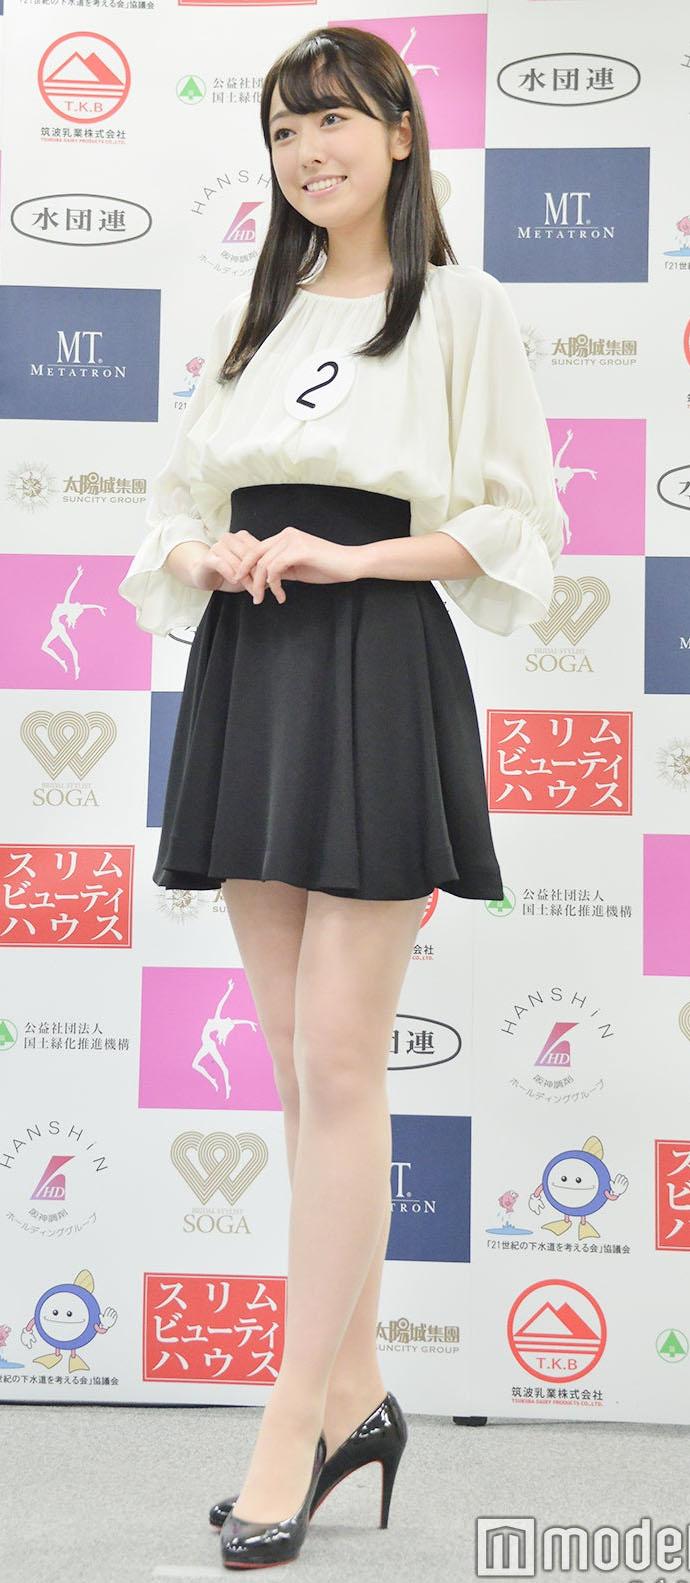 miss japan 일본 미인대회 2020 미스재팬 그랑프리는 게이오대 여대생 오다안주